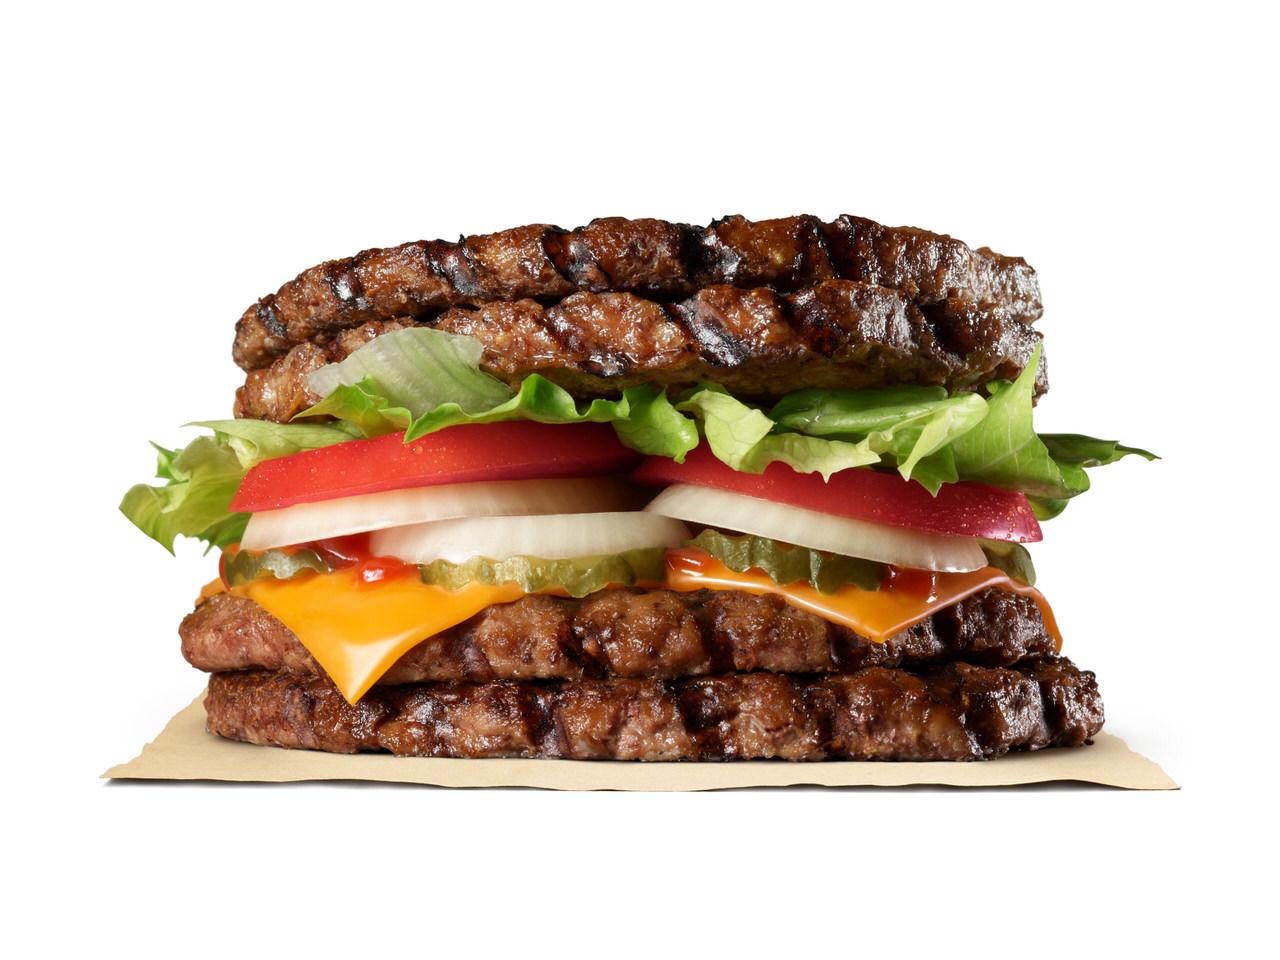 Burger king extreme 202011 3